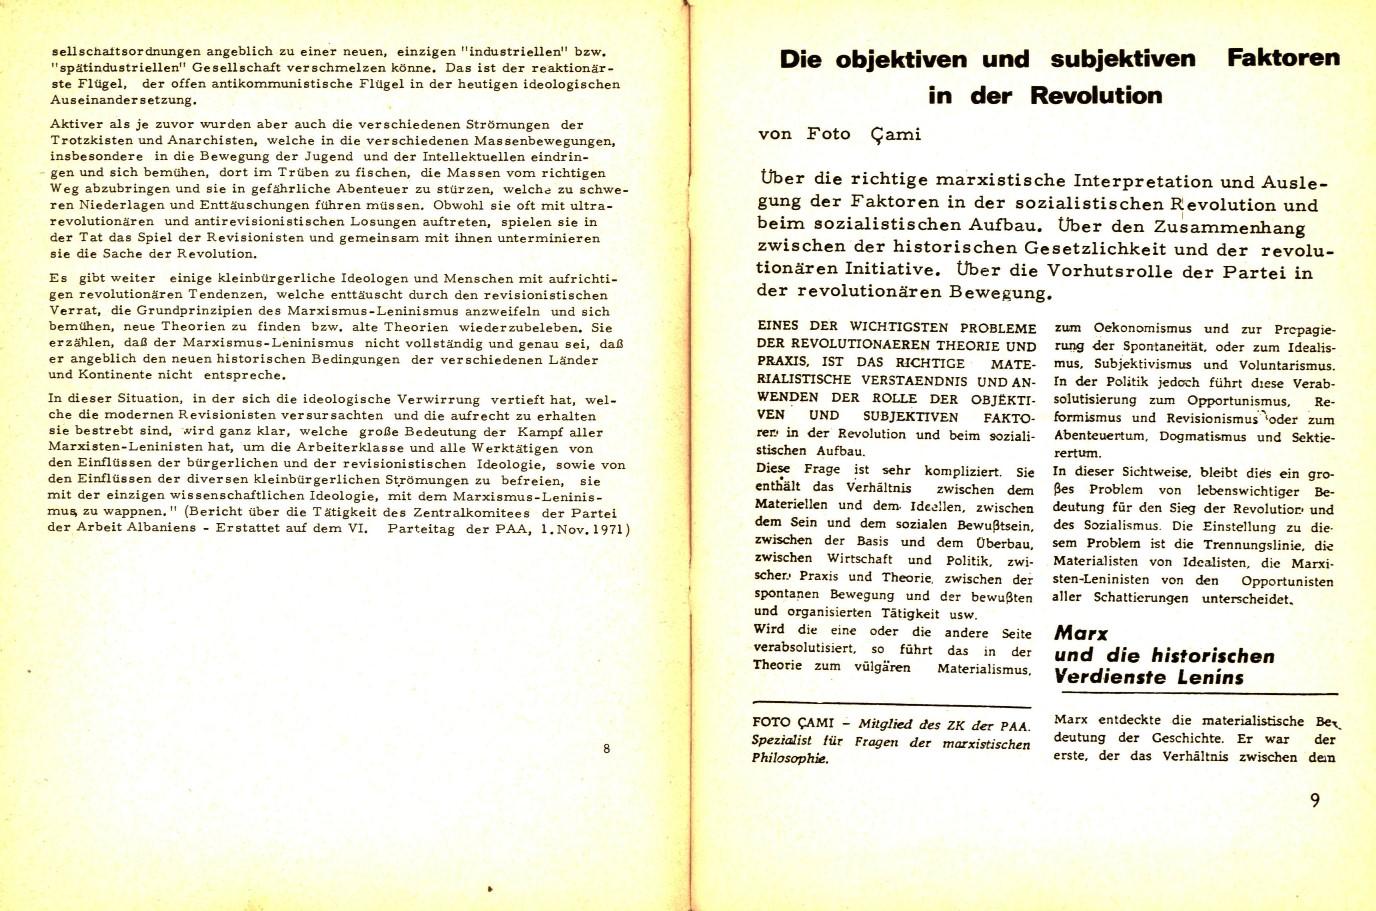 KPDAO_1974_30_Jahre_Befreiung_Albaniens_05